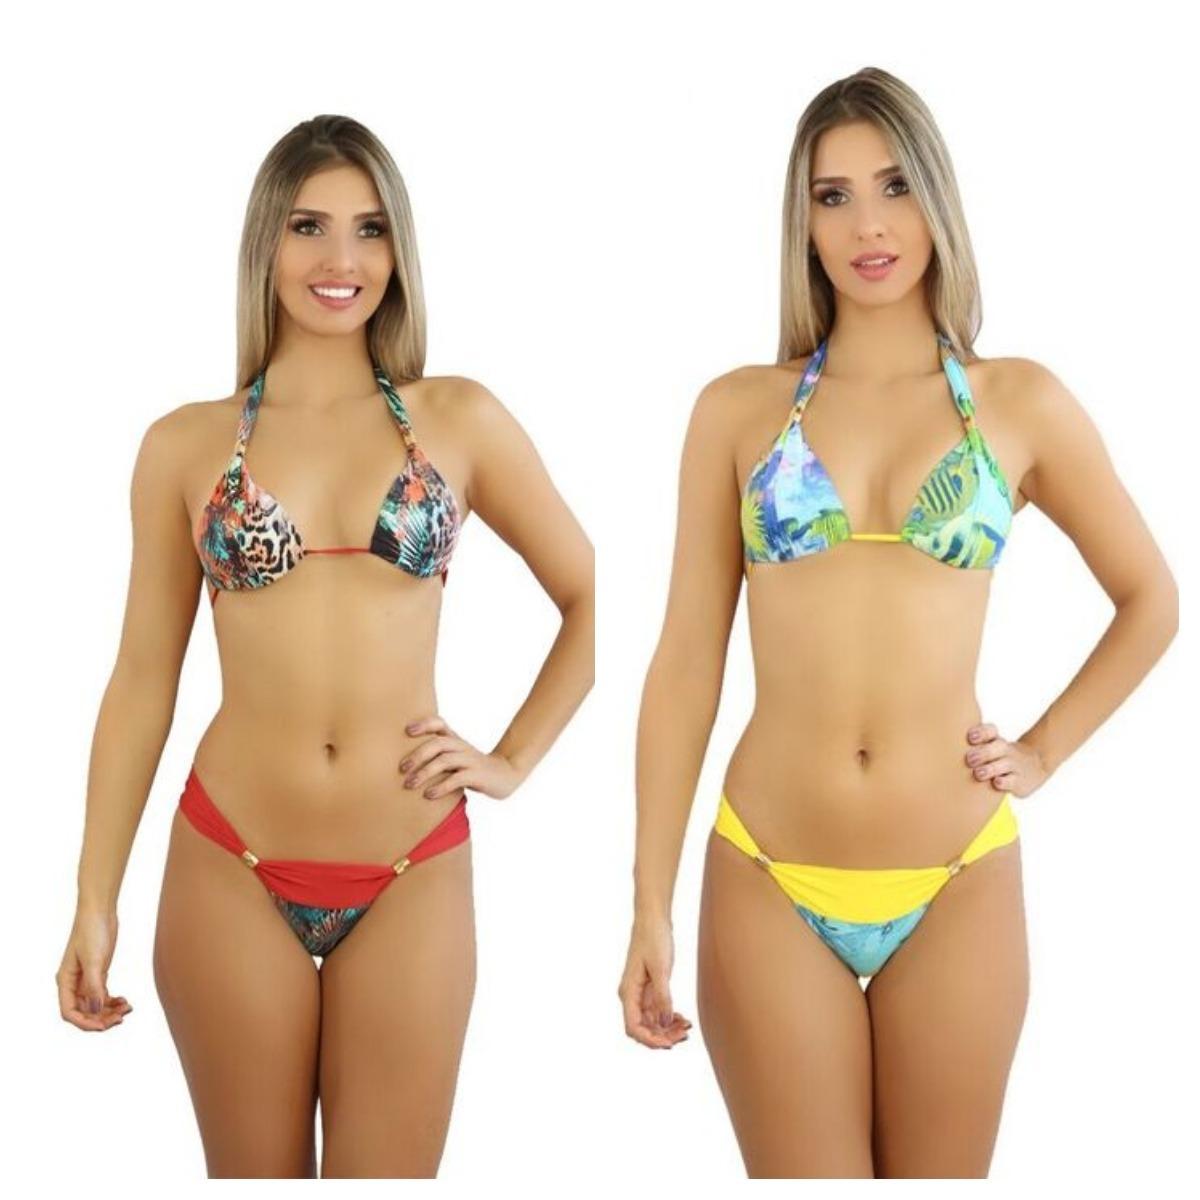 79c81d2c83da Biquinis 2019 Moda Praia Biquinis Baratos- Z9